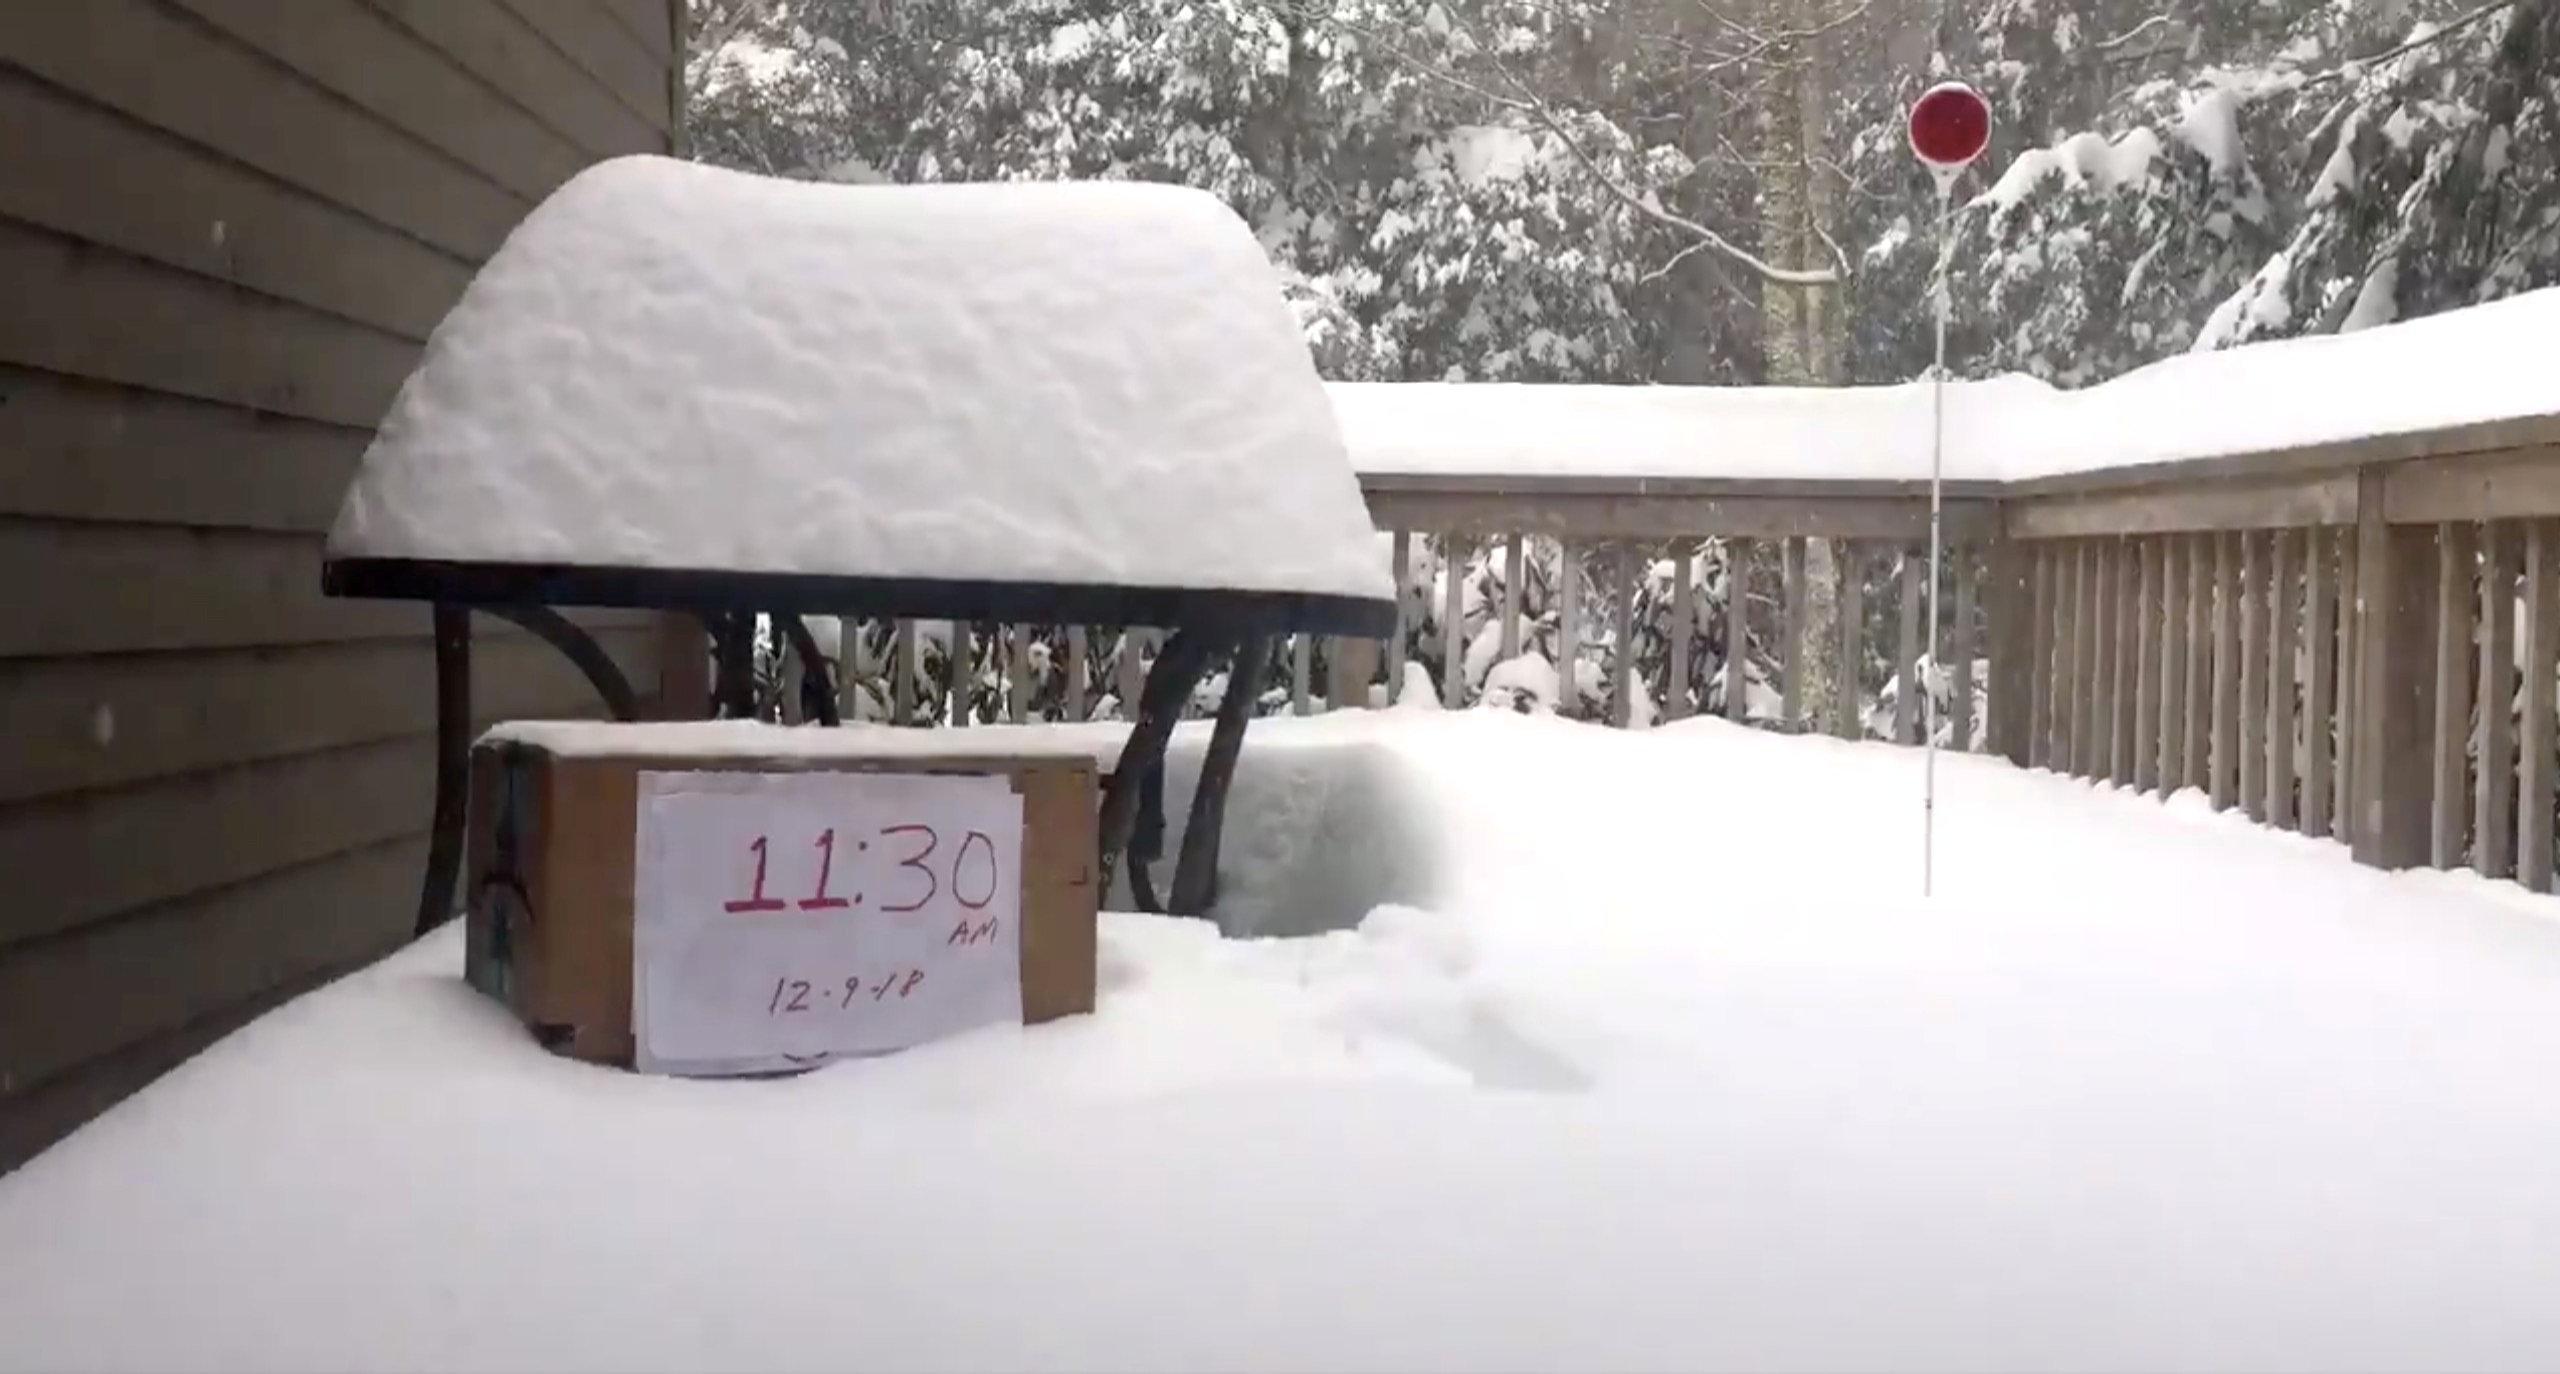 تساقط الثلوج بسبب الموجة الباردة فى أمريكا (2)